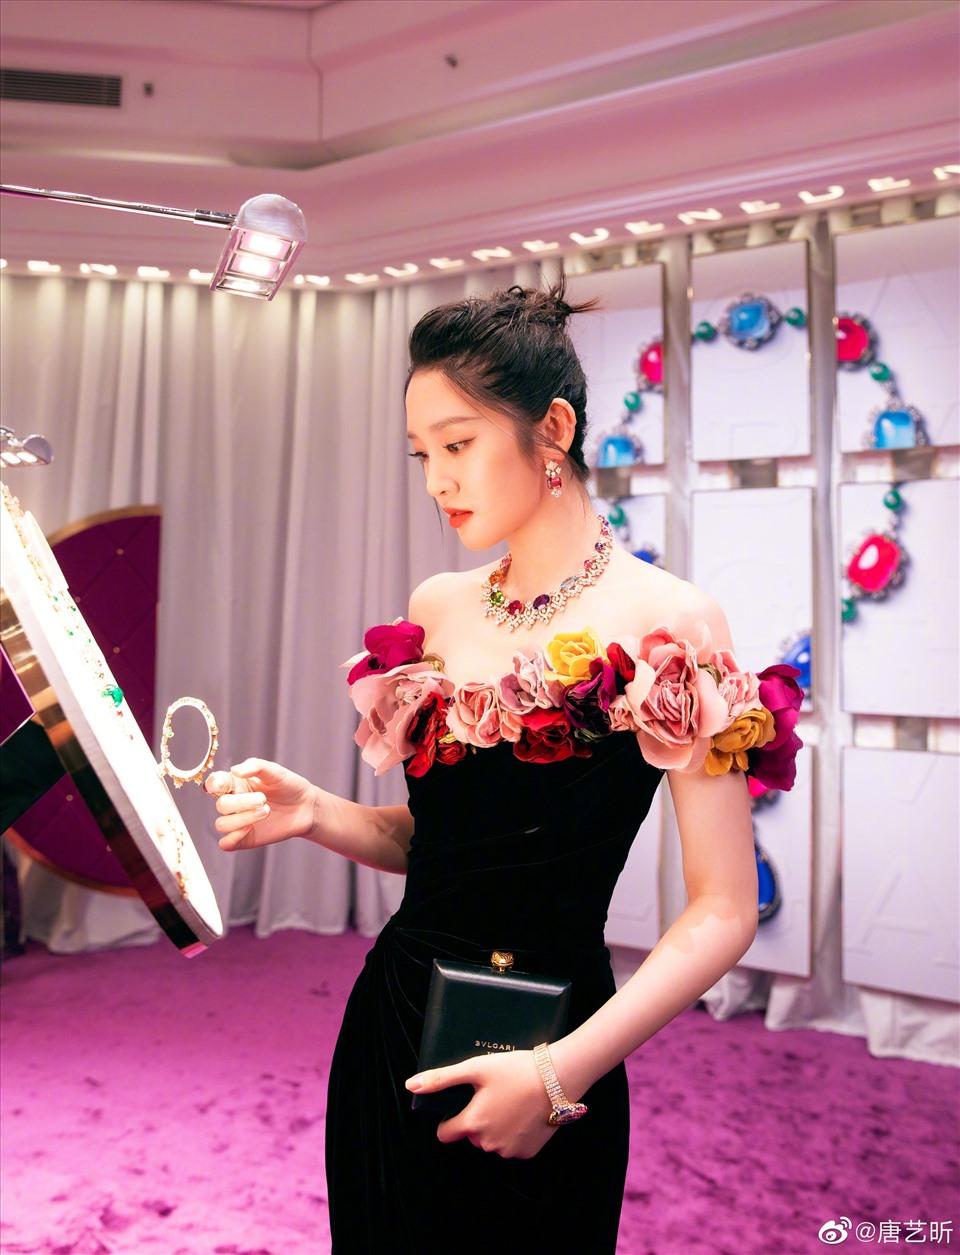 Dương Mịch, Lệ Dĩnh và 20 đại mỹ nhân Cbiz gia nhập đường đua 'nữ hoàng trang sức', ai kinh diễm nhất? 9